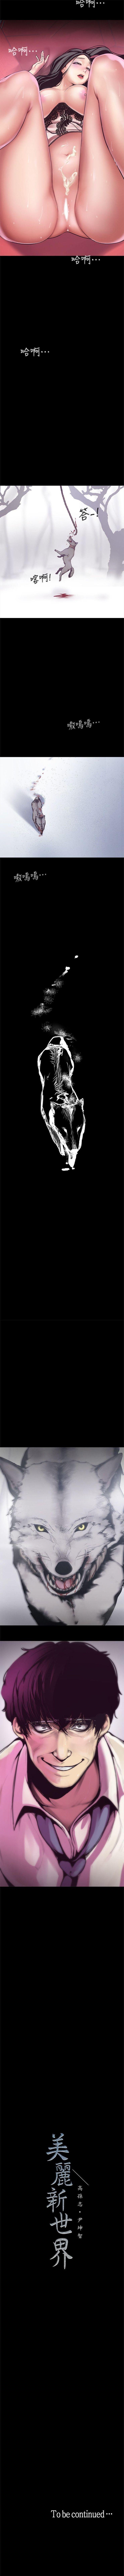 美麗新世界 1-85 官方中文(連載中) 73